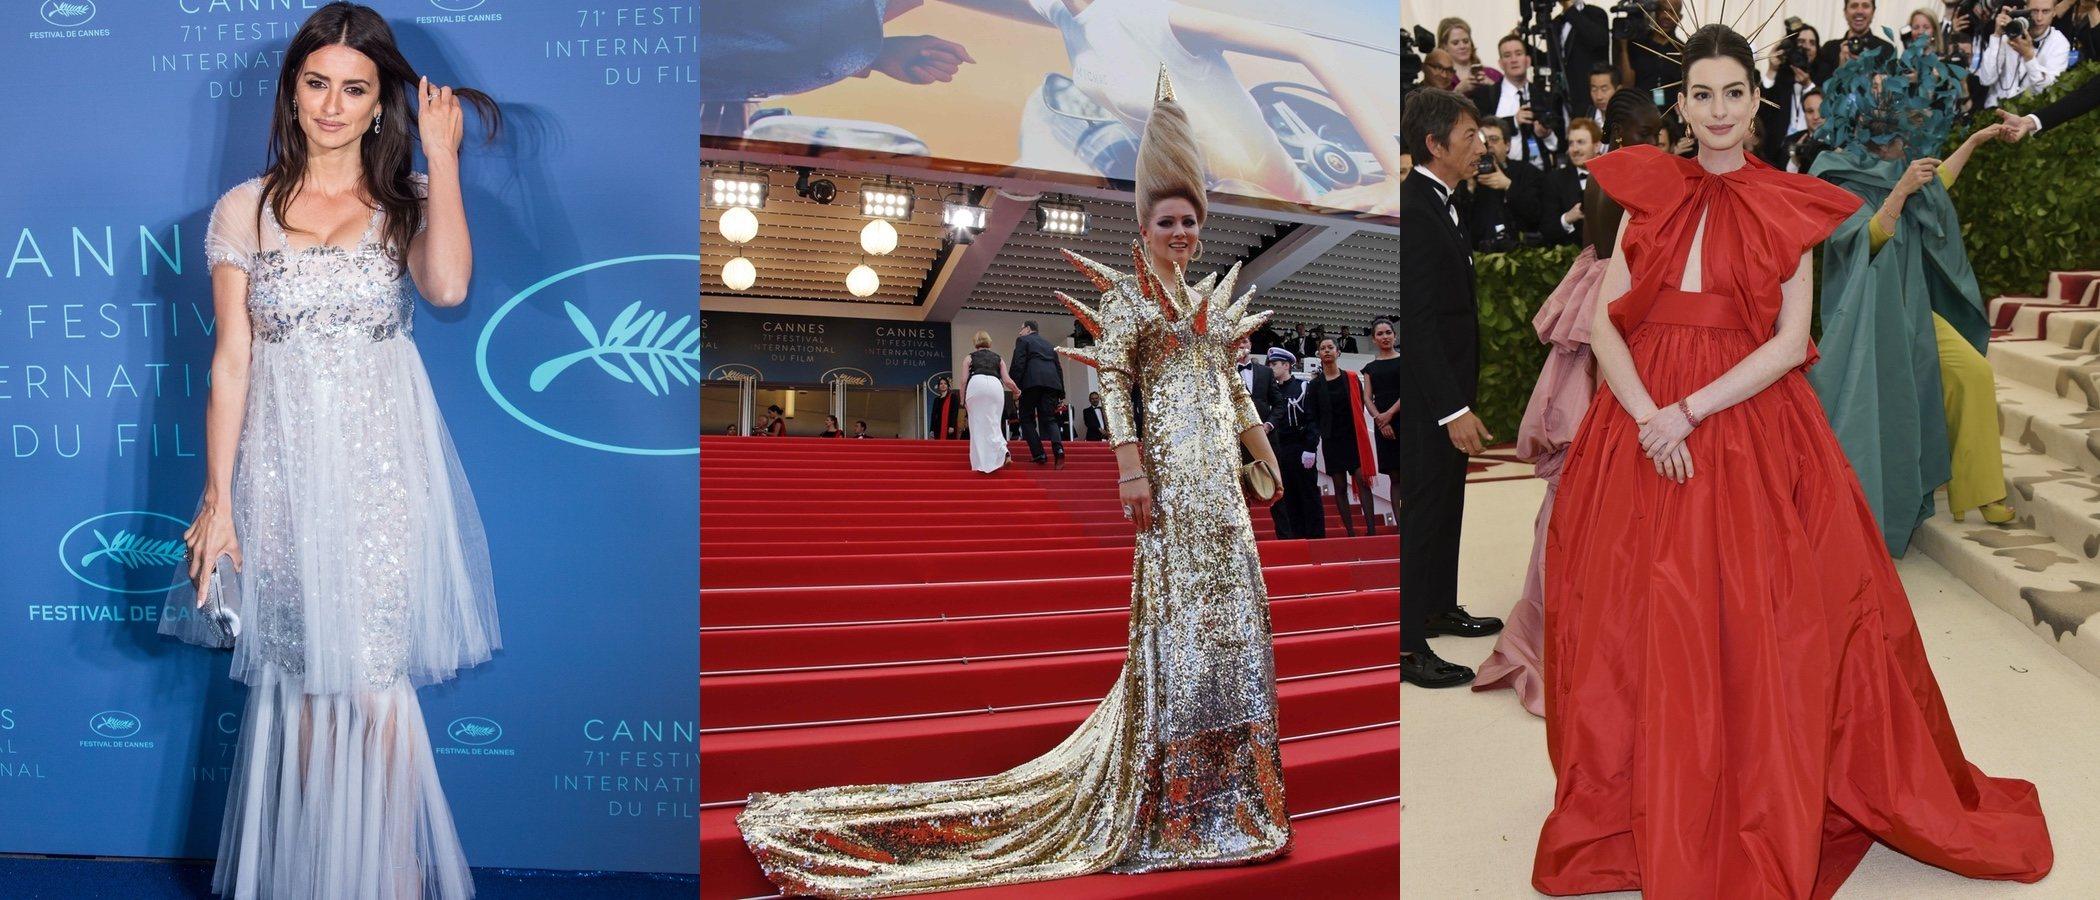 Penélope Cruz, Anne Hathaway y Elena Lenina entre las peor vestidas de la semana